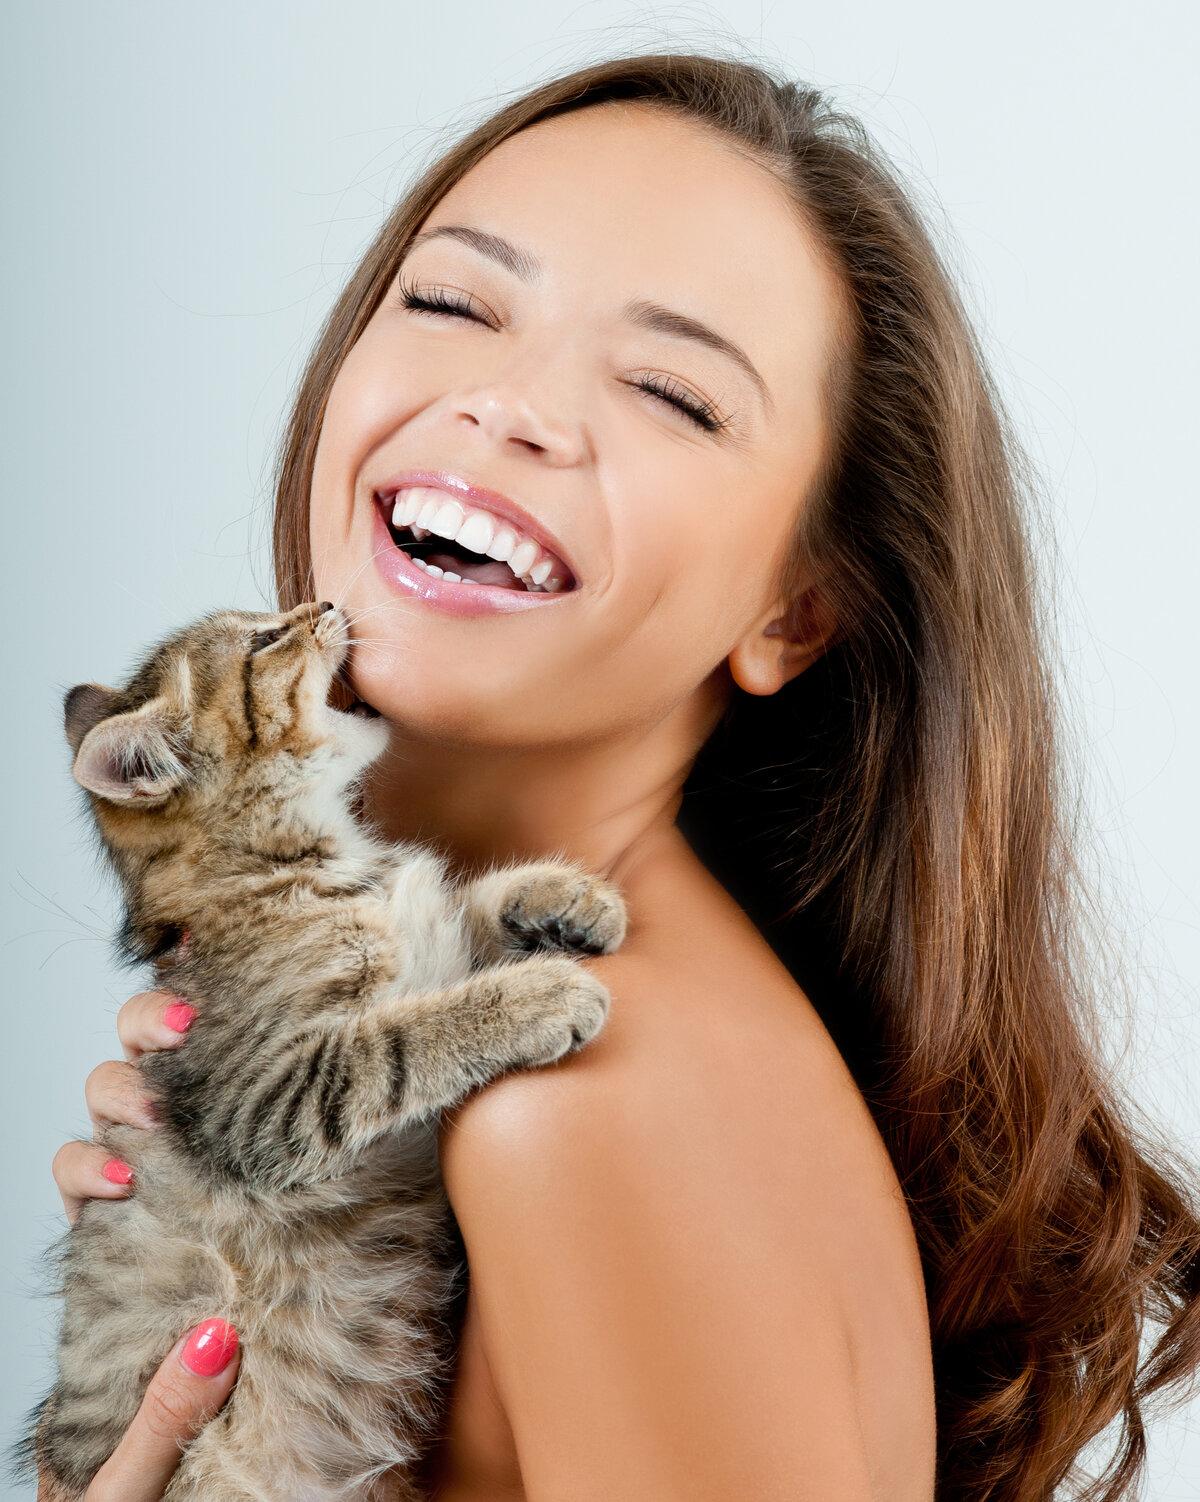 радость и смех продлевают жизнь